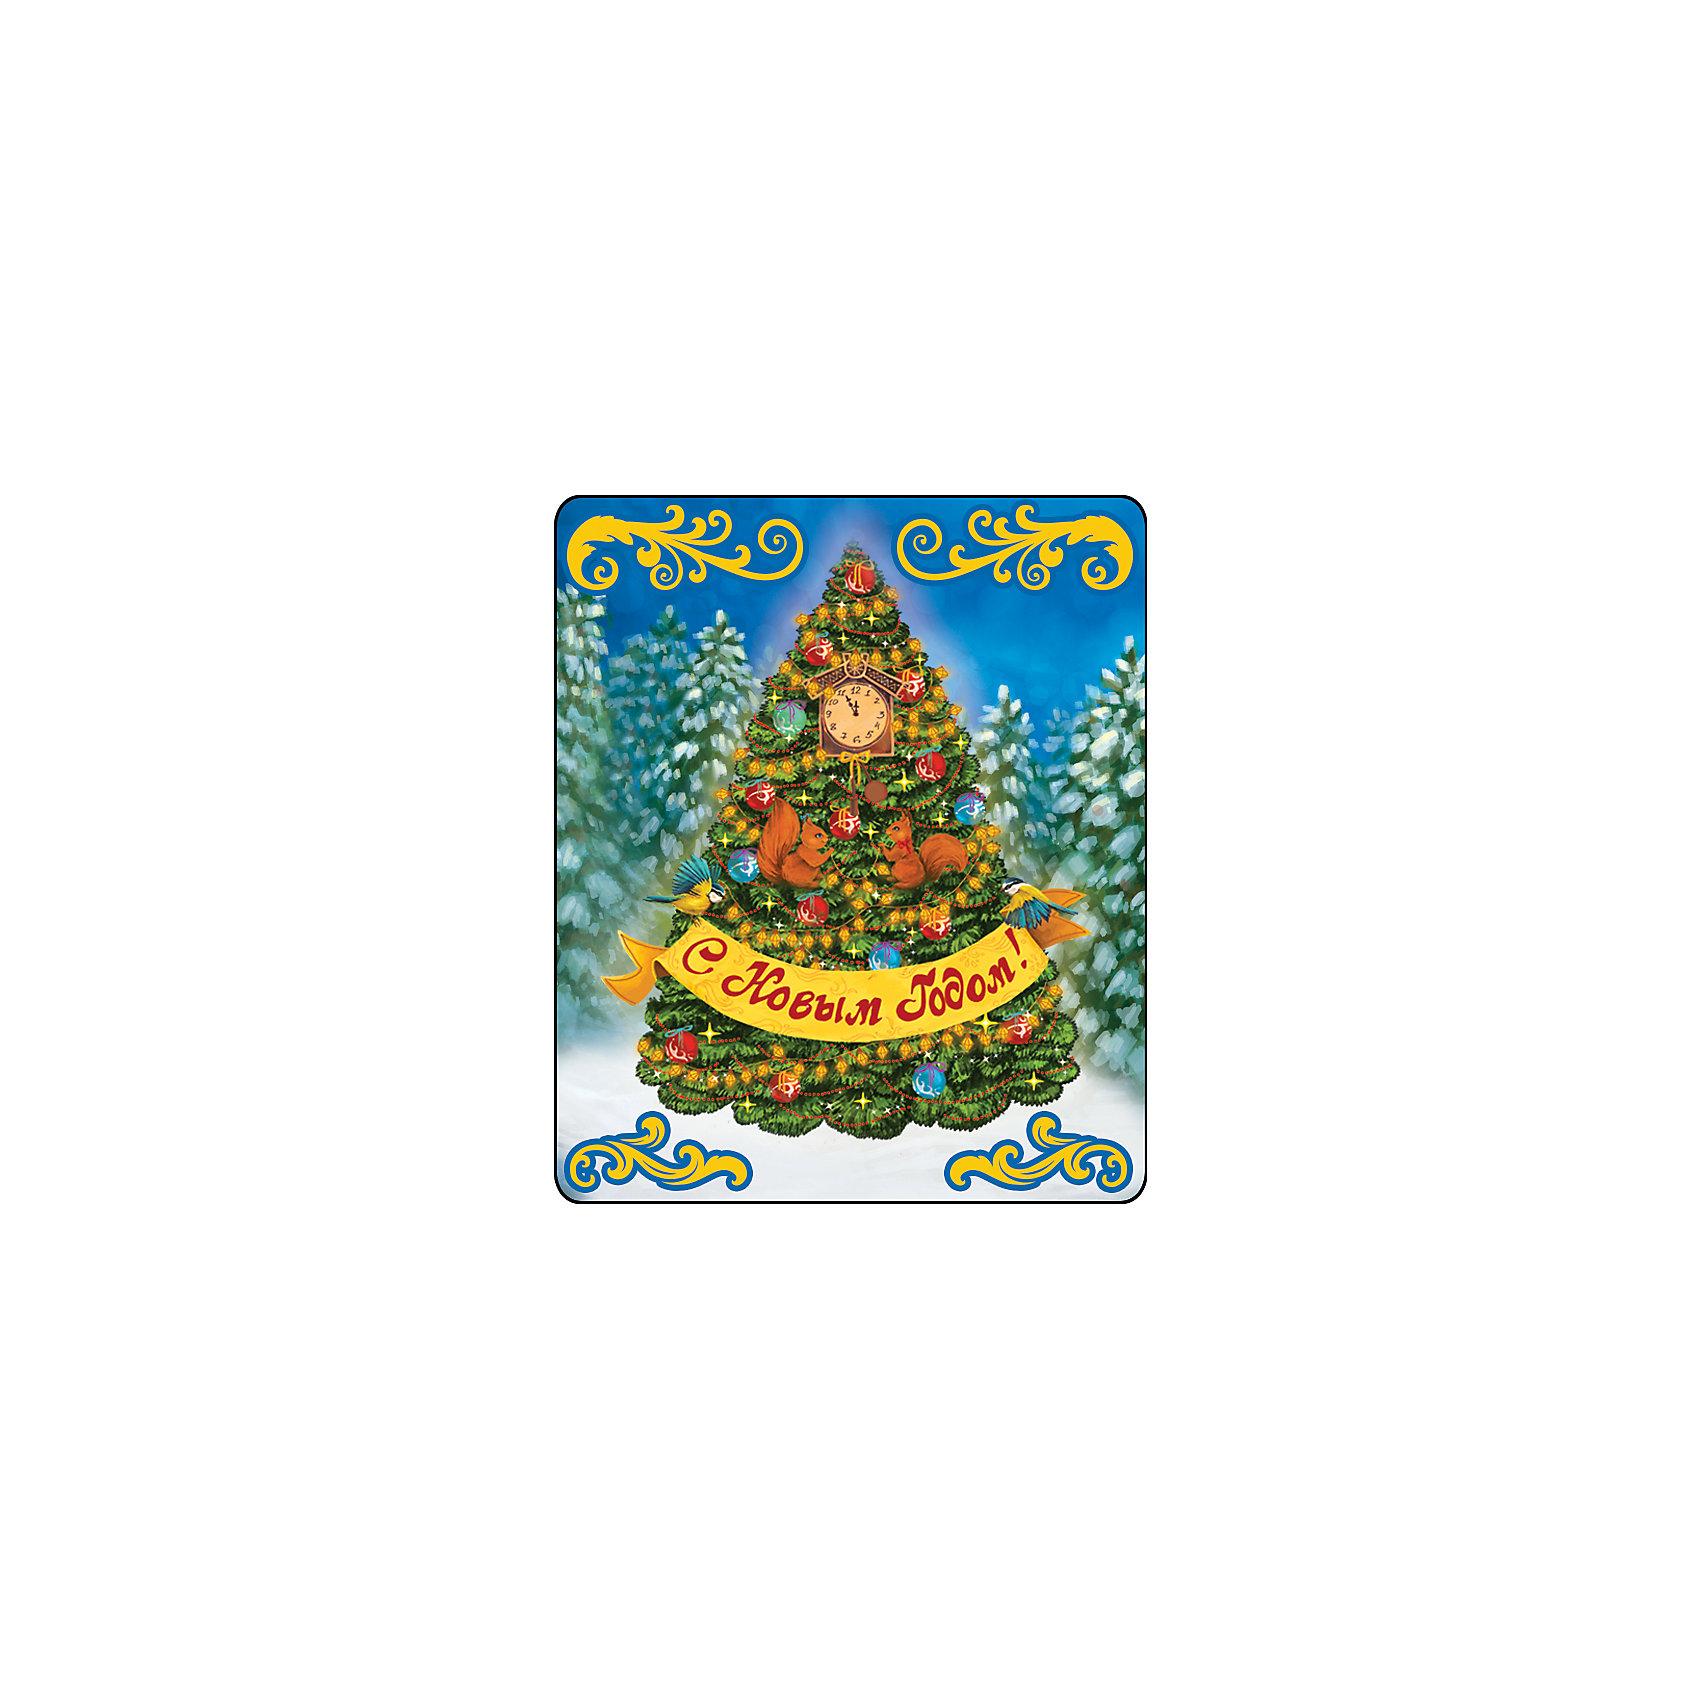 Магнит Ёлка в золотых узорахВсё для праздника<br>Яркий магнит с новогодней символикой - прекрасный вариант для праздничного сувенира. Магнит можно прикрепить на любую металлическую поверхность, он всегда будет радовать, напоминая о веселом и таком долгожданном для всех празднике! <br><br>Дополнительная информация:<br><br>- Материал: агломерированный феррит. <br>- Размер: 5х6 см.<br>- Яркий привлекательный дизайн. <br><br>Новогодний магнит Ёлка в золотых узорах можно купить в нашем магазине.<br><br>Ширина мм: 100<br>Глубина мм: 100<br>Высота мм: 10<br>Вес г: 260<br>Возраст от месяцев: 36<br>Возраст до месяцев: 2147483647<br>Пол: Унисекс<br>Возраст: Детский<br>SKU: 4981320